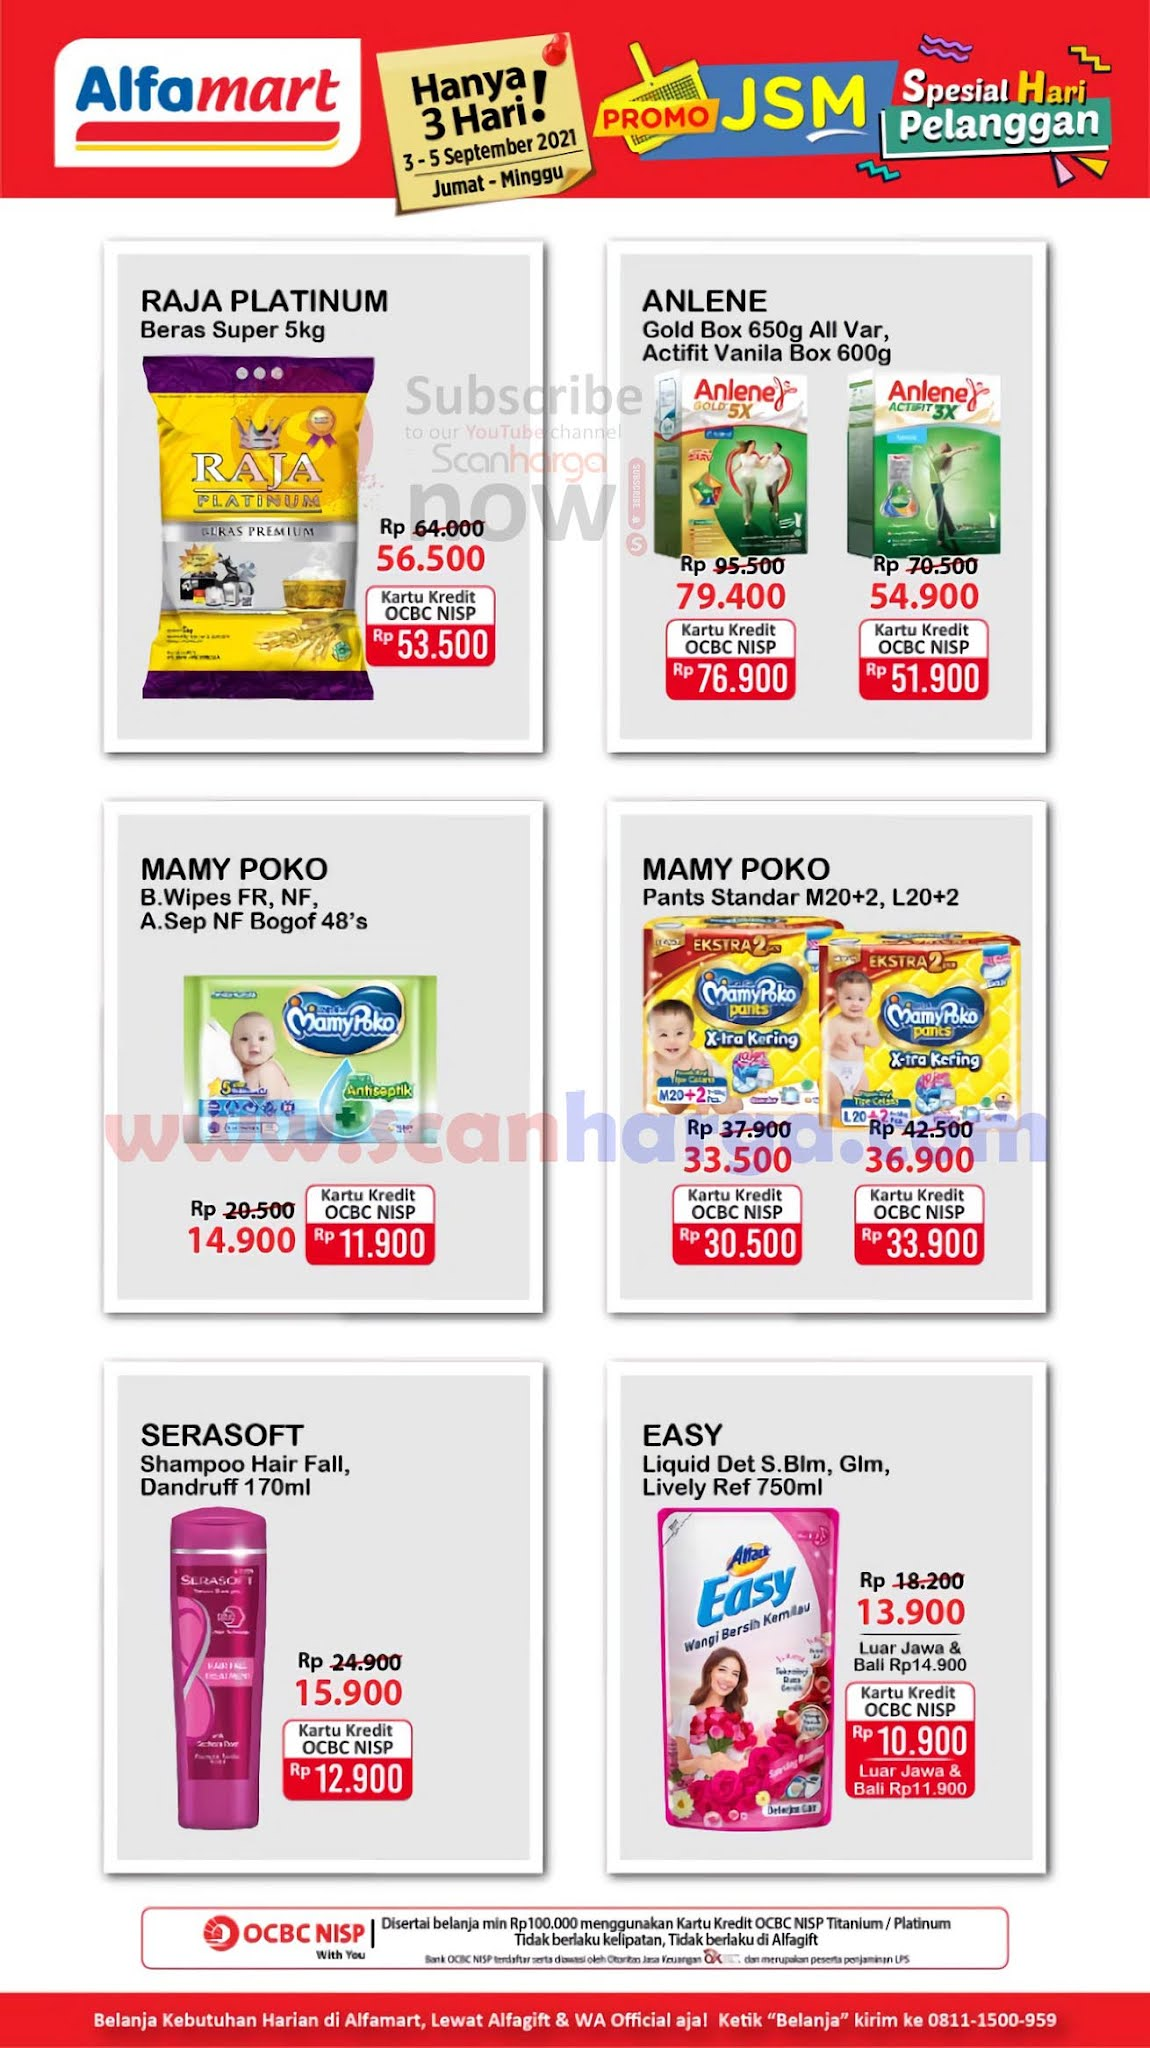 Katalog Promo JSM Alfamart Weekend 3 - 5 September 2021 2